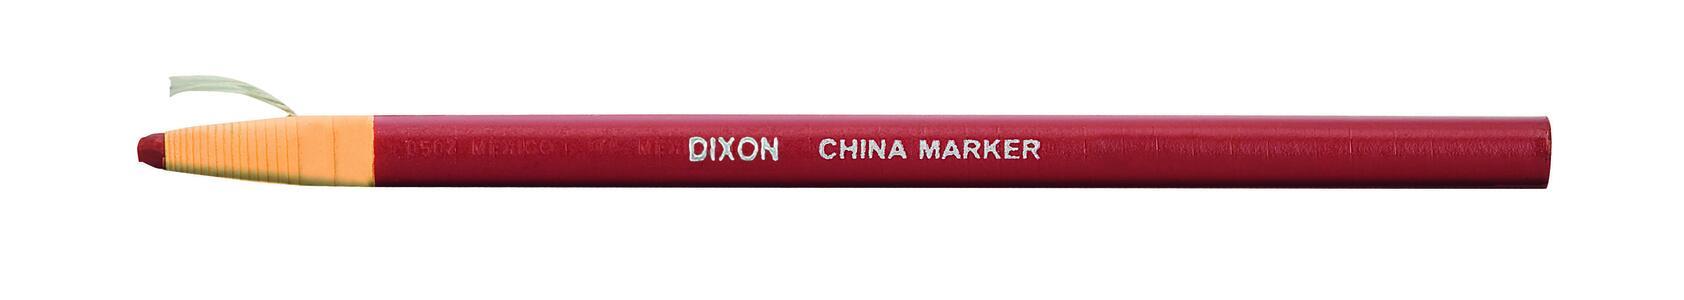 DIXON CHINA MARKER ROSSO